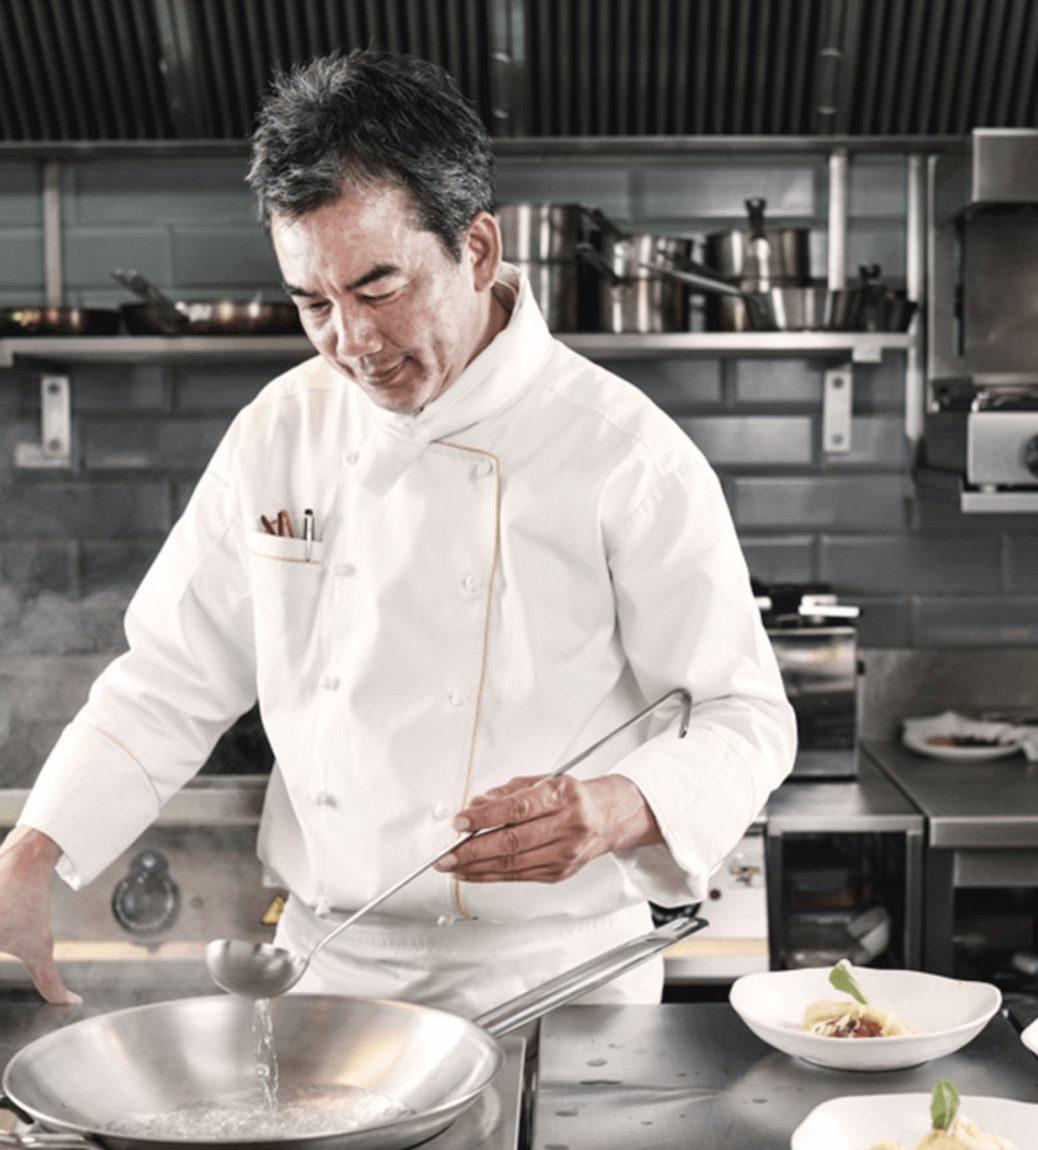 """สร้างช่วงเวลาสุดพิเศษไปกับ """"Sansiri Chef Your Table"""" ที่ให้คุณได้ลิ้มรสอาหารฝีมือเชฟระดับประเทศถึงบ้านคุณ! 42 - Chef"""